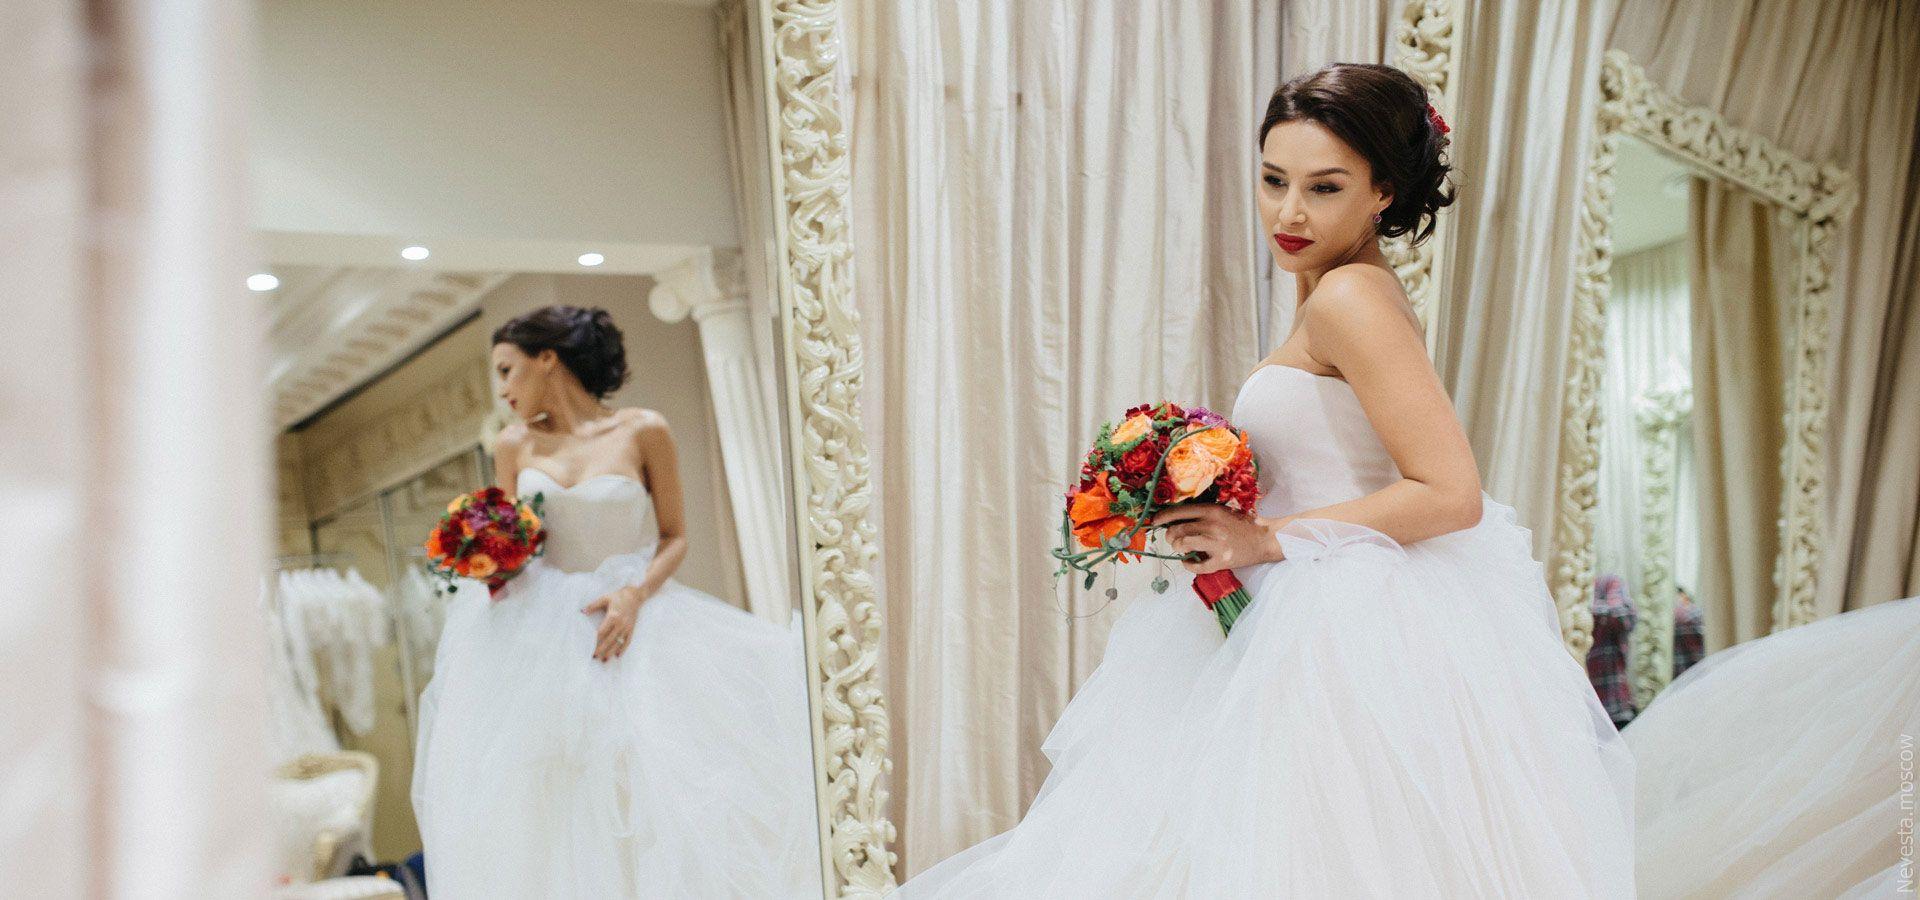 «Королева России» Диана Пегас примеряет образ для испанской свадьбы, фото 22